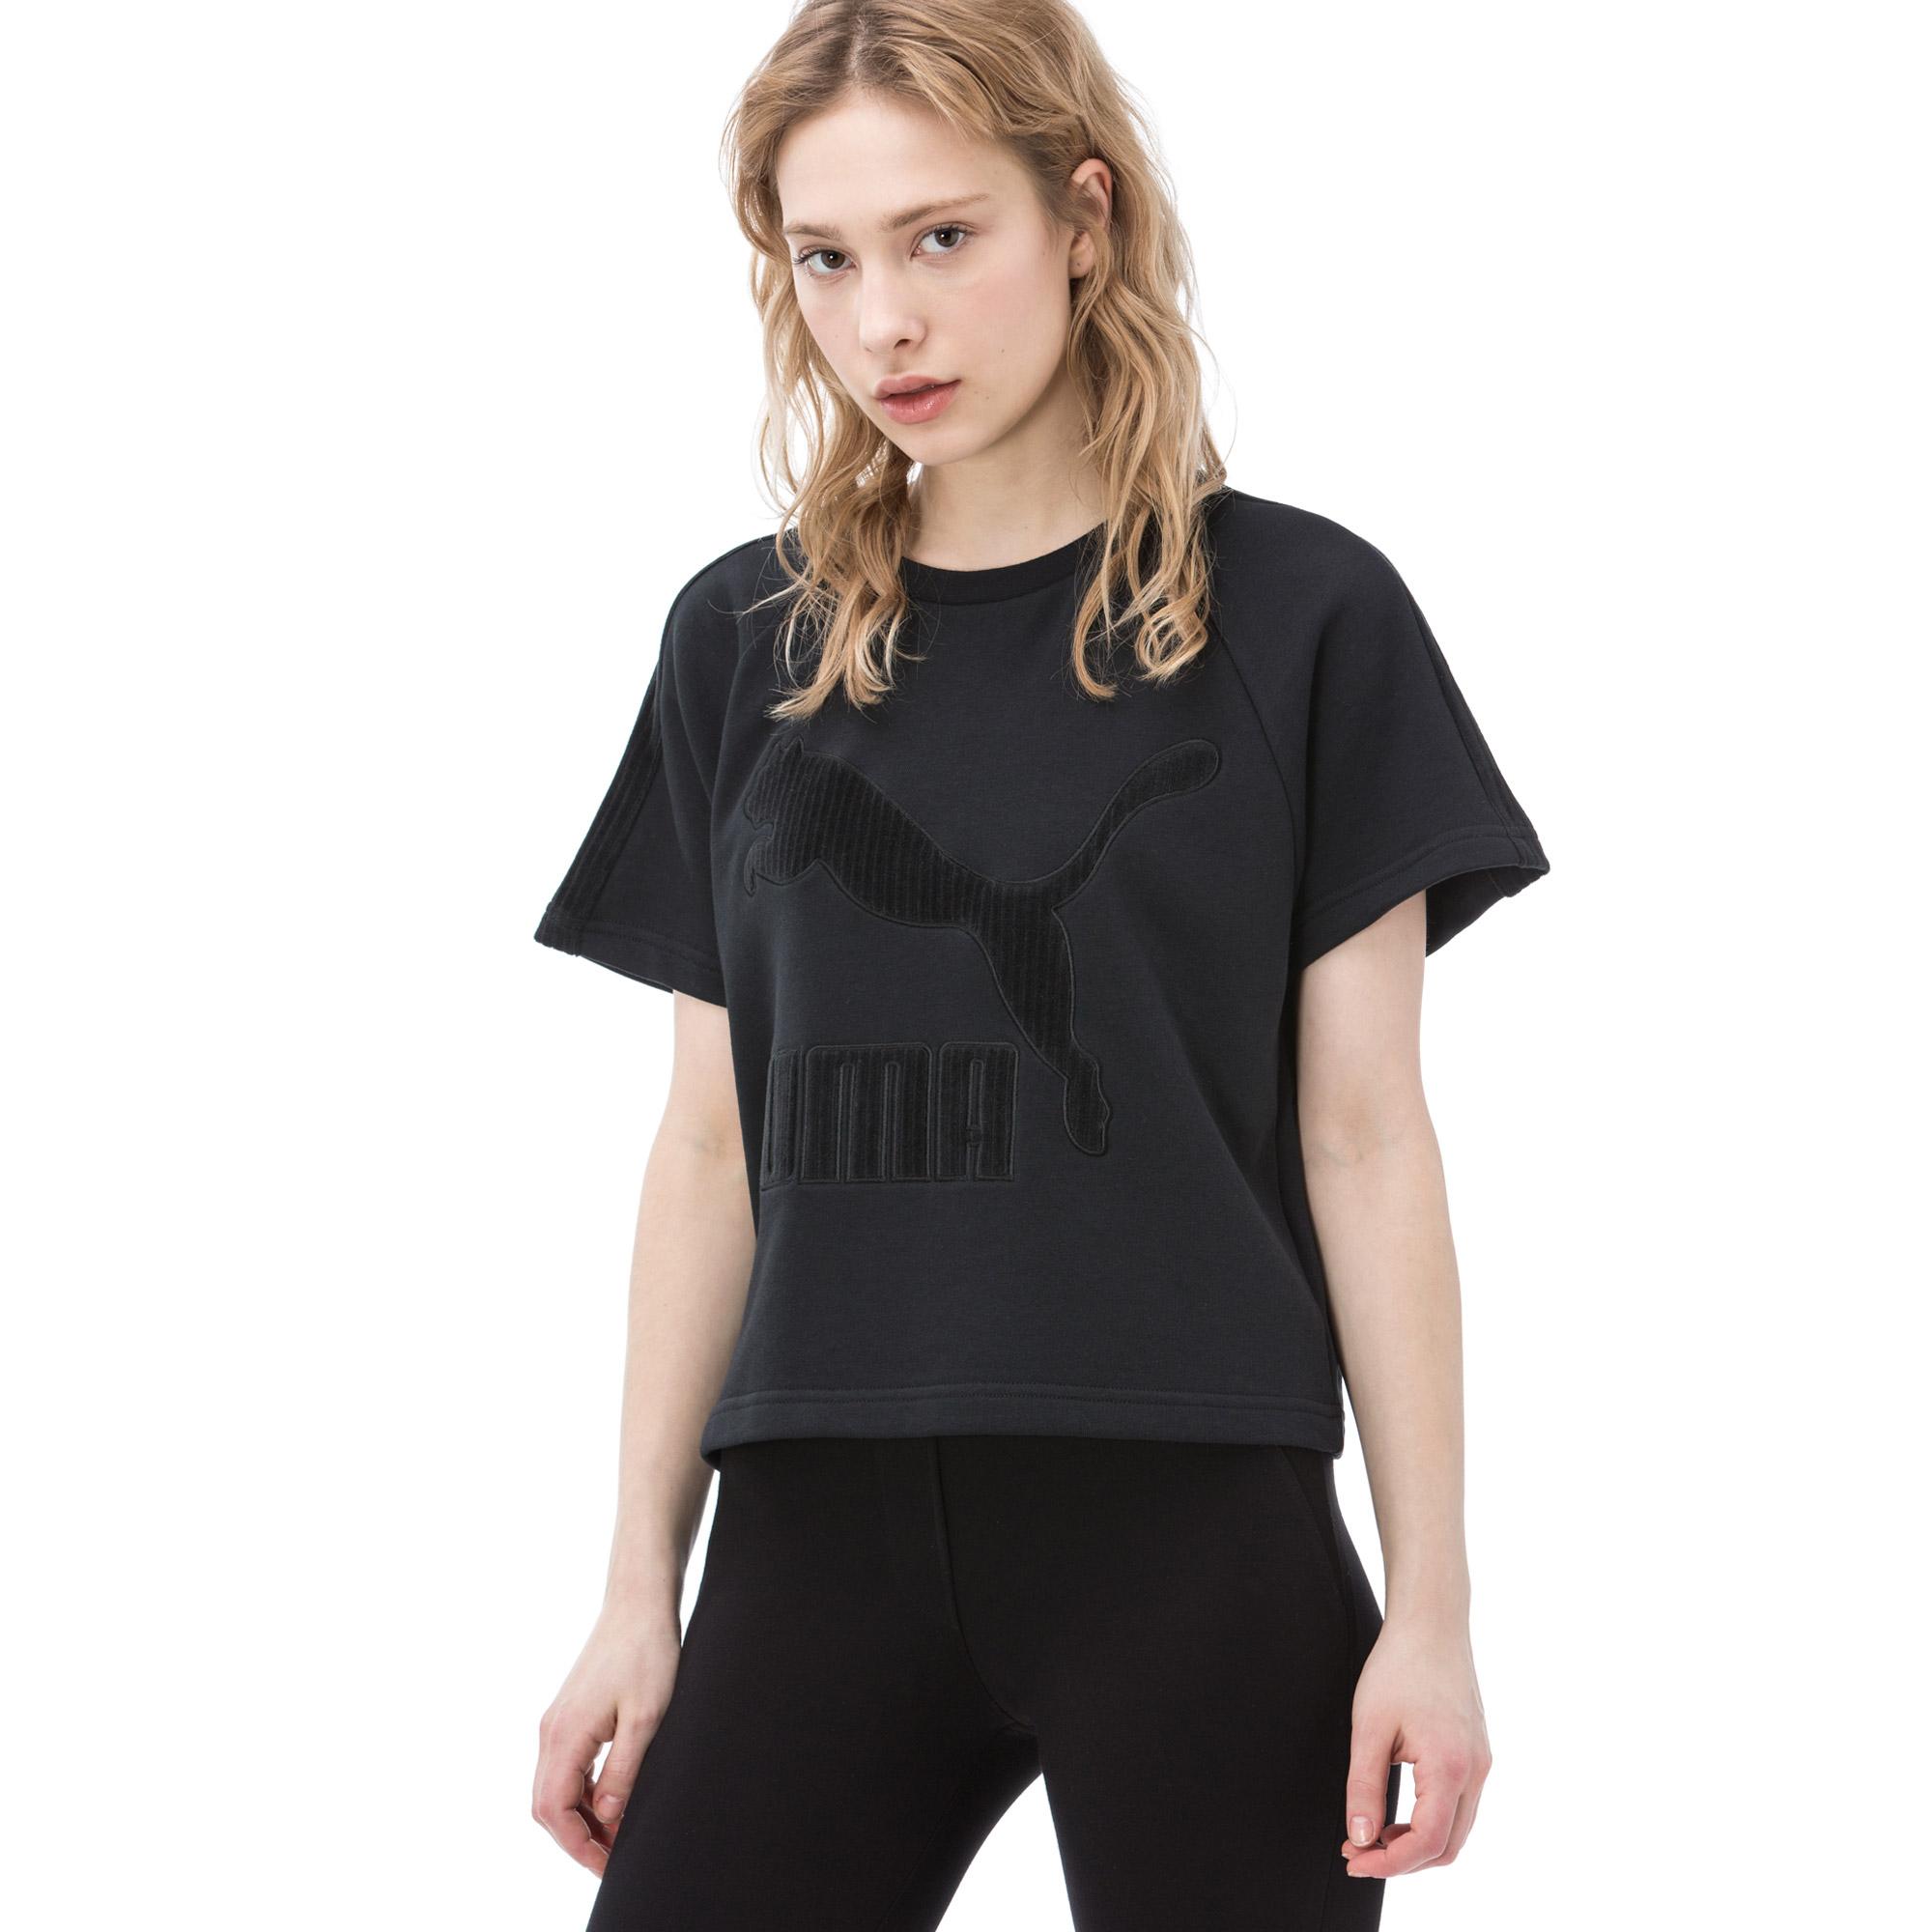 Puma Kadın Siyah Tshirt